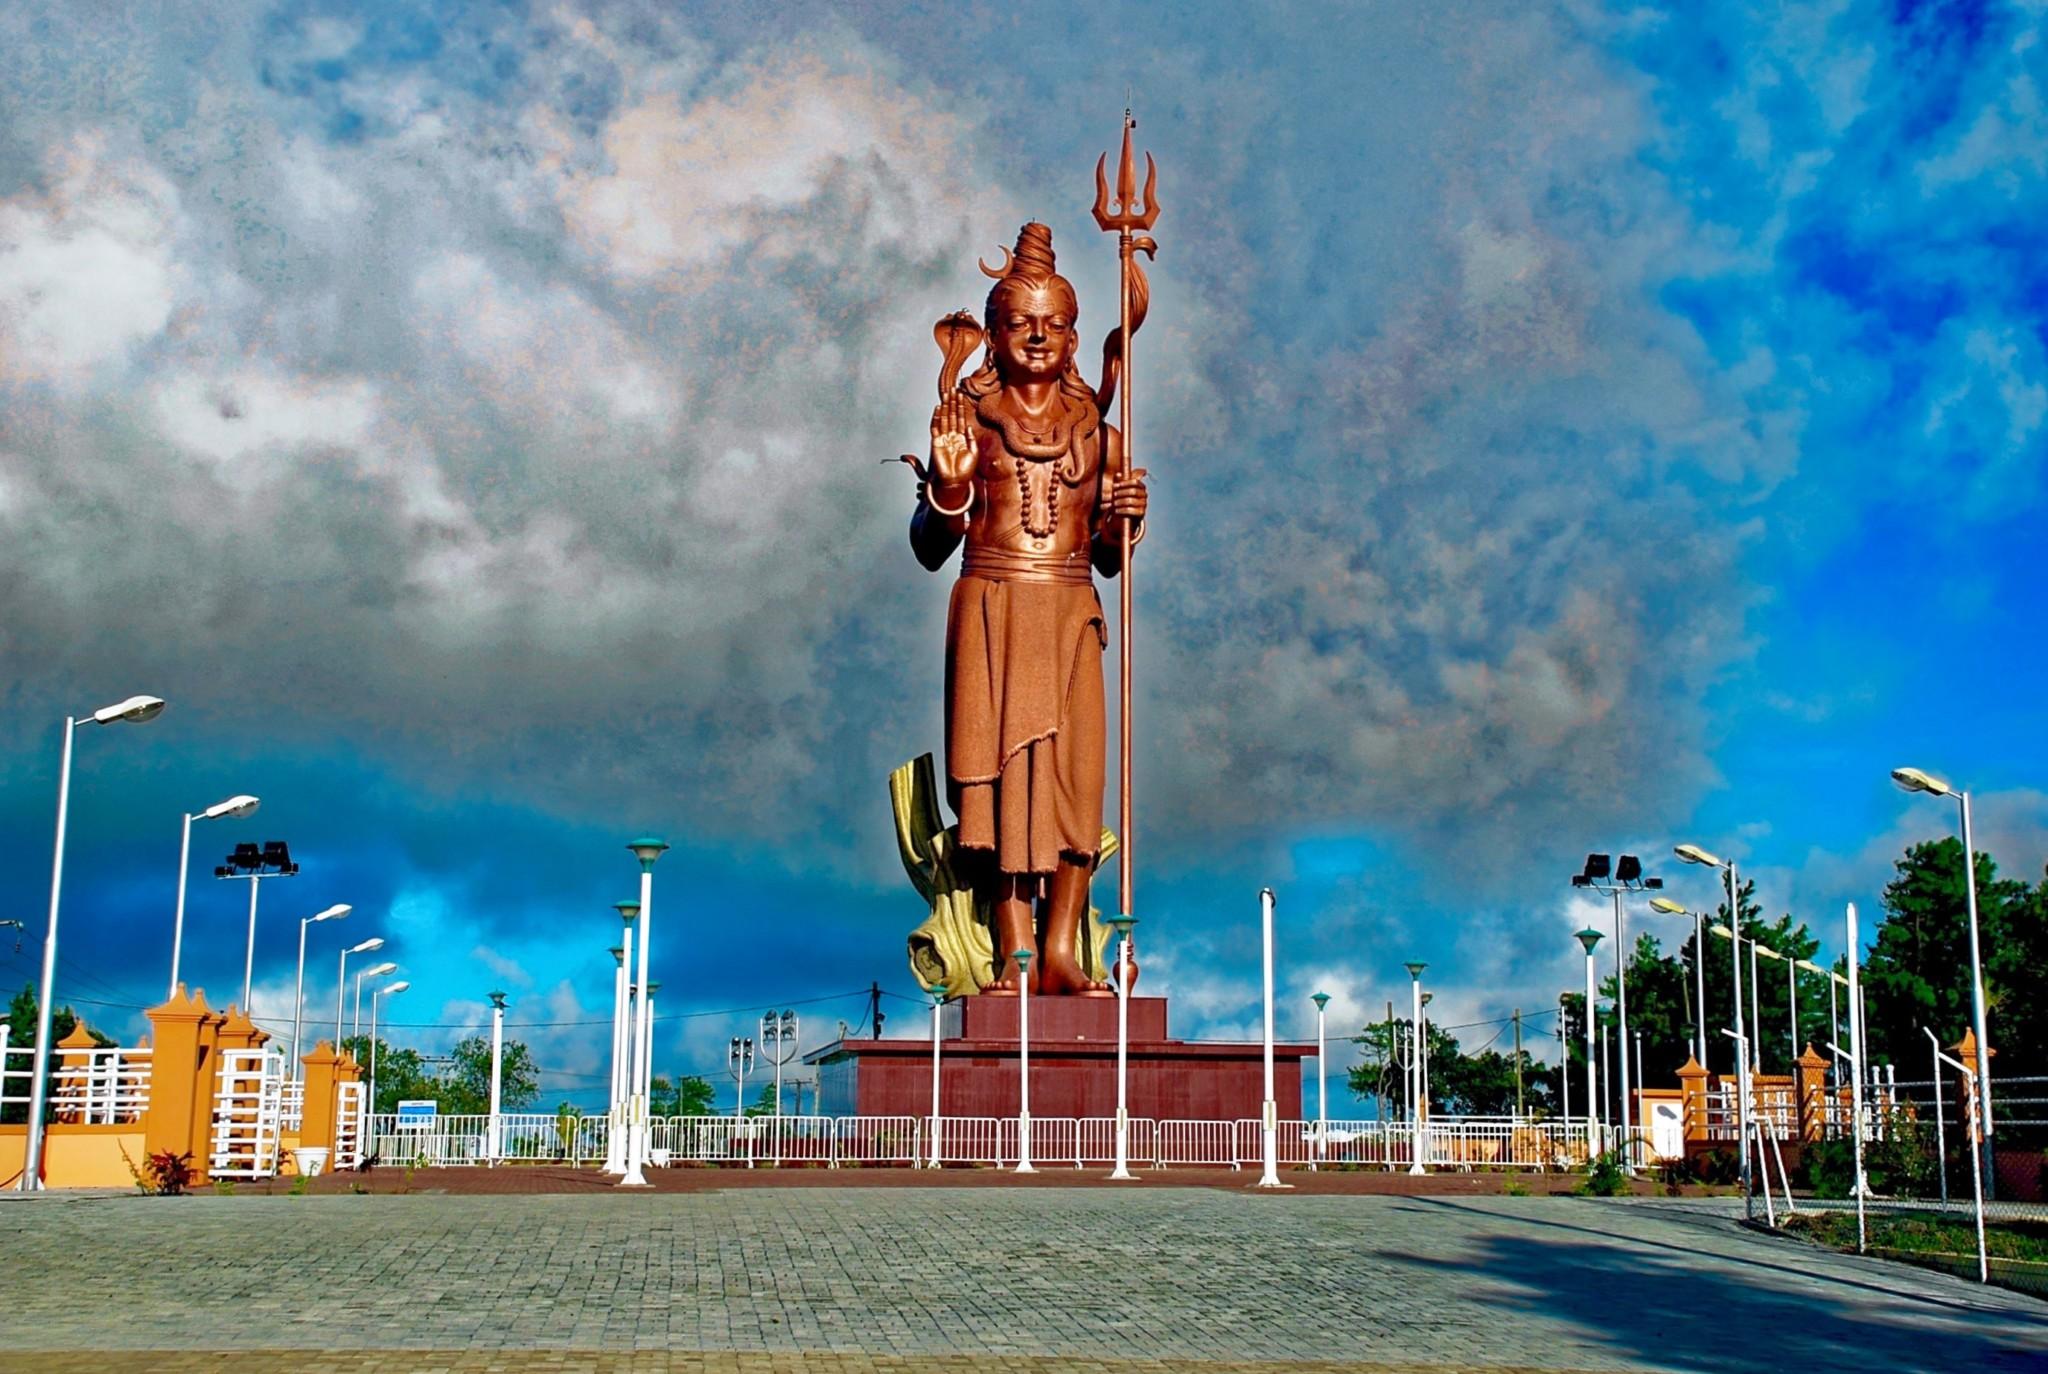 Shiva-Statue am Grand Bassin, Mauritius